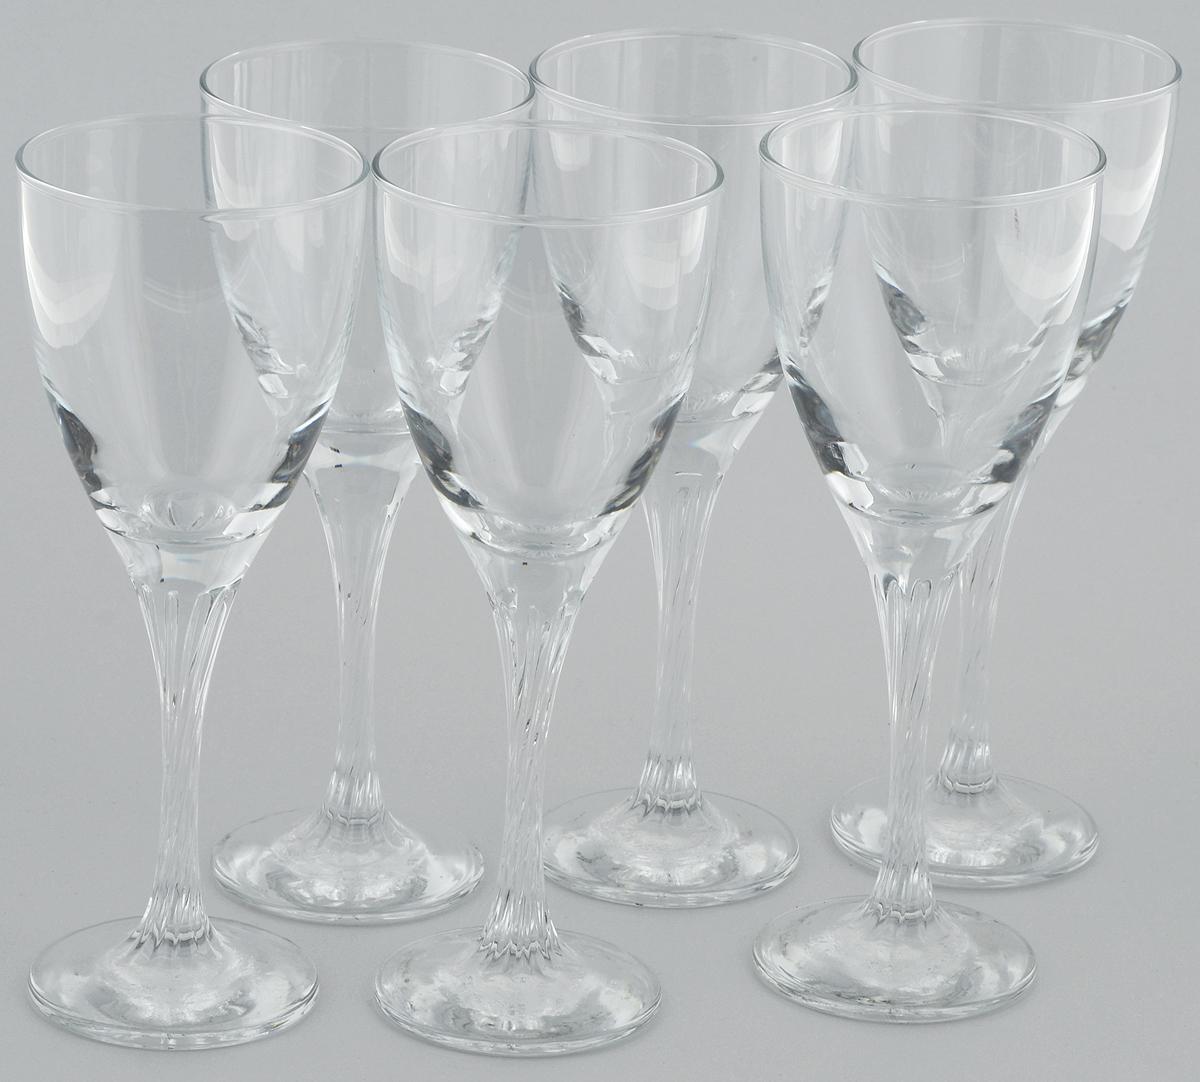 Набор бокалов для вина Pasabahce Twist, 205 мл, 6 шт44372BНабор Pasabahce Twist состоит из шести бокалов, выполненных из прочного натрий-кальций-силикатного стекла. Изделия оснащены высокими ножками и предназначены для подачи вина. Они сочетают в себе элегантный дизайн и функциональность. Набор бокалов Pasabahce Twist прекрасно оформит праздничный стол и создаст приятную атмосферу за романтическим ужином. Такой набор также станет хорошим подарком к любому случаю.